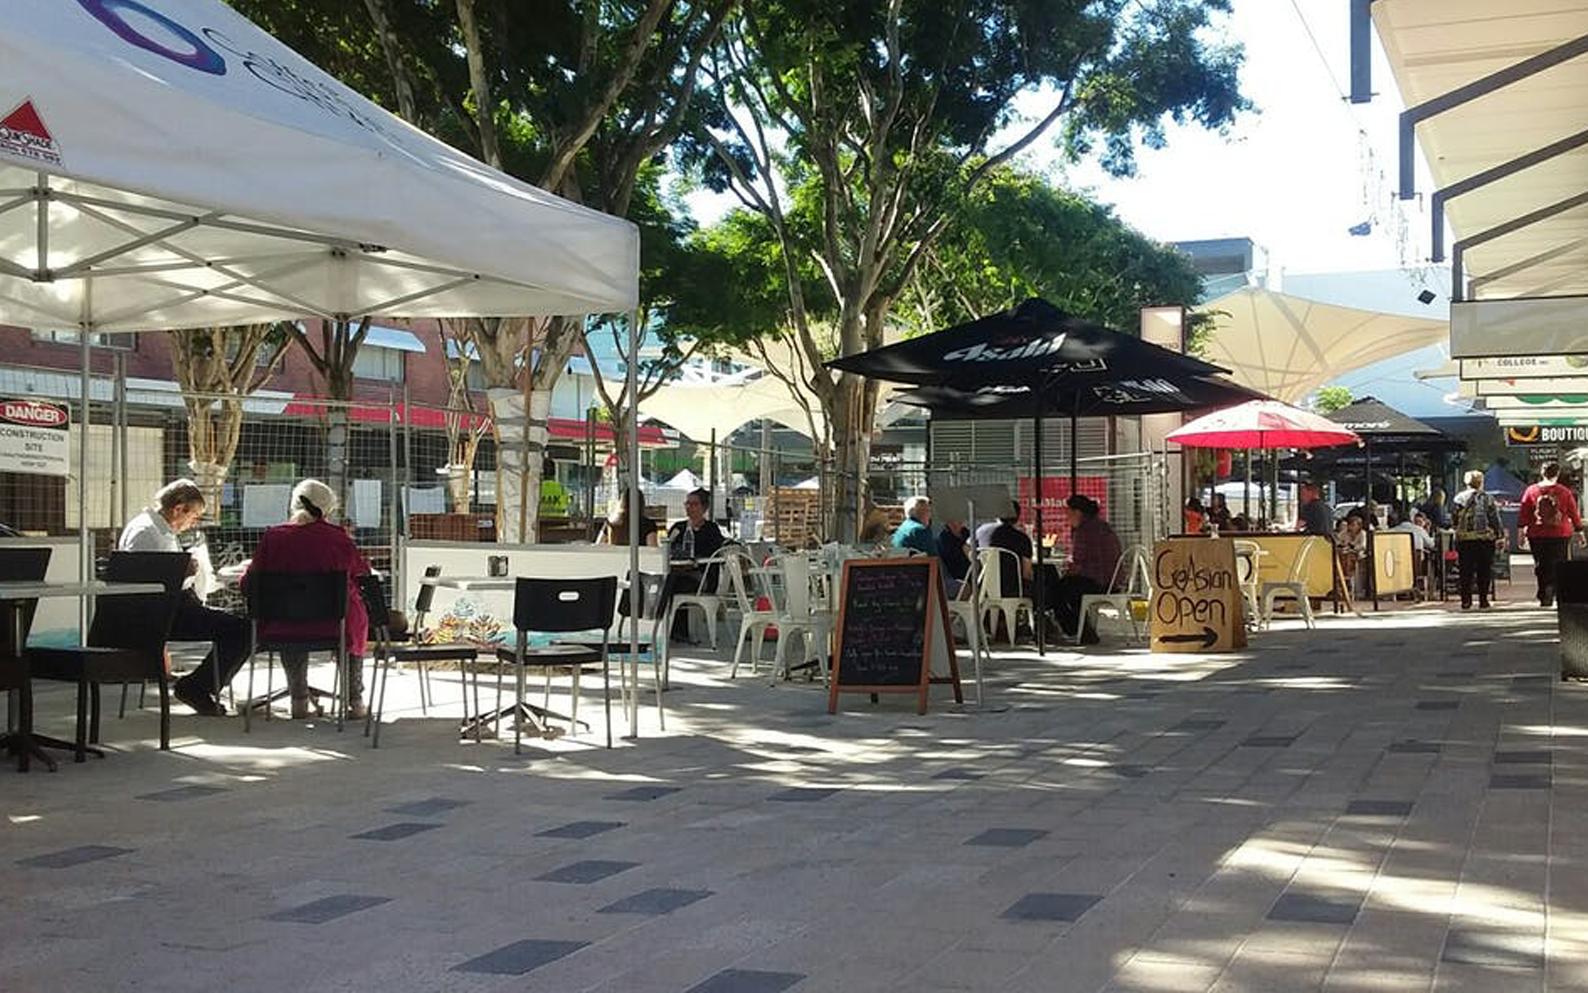 City Square Coffs Harbour